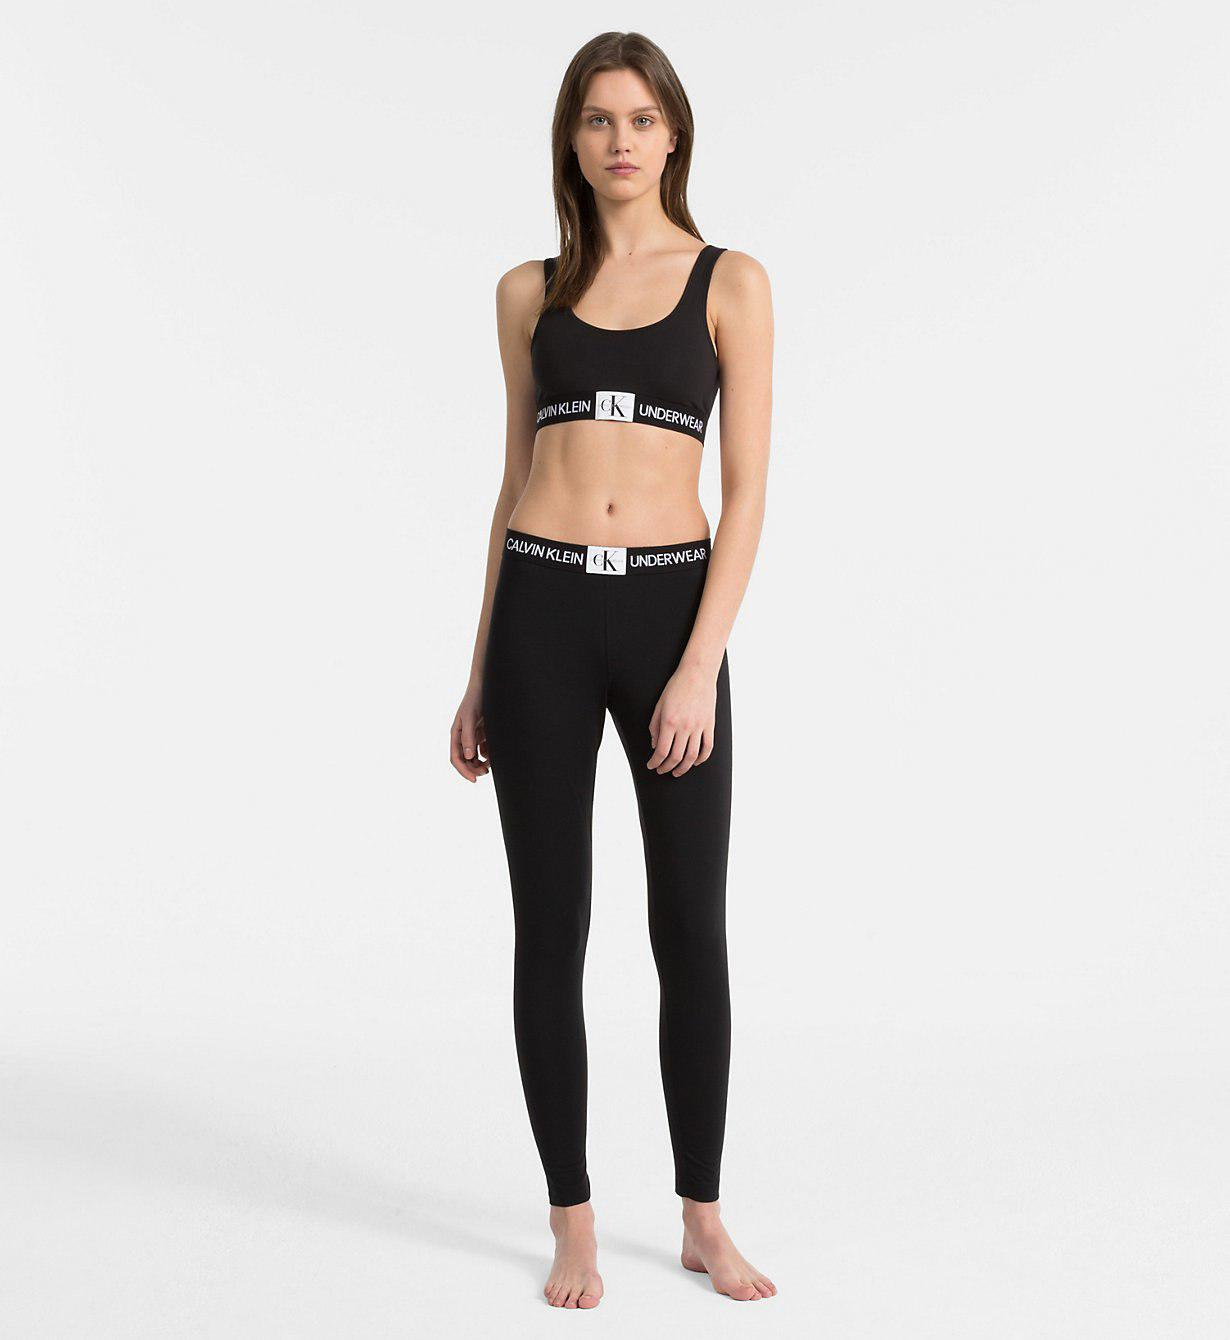 d786ada8718fa Calvin Klein - Black Leggings - Monogram - Lyst. View fullscreen